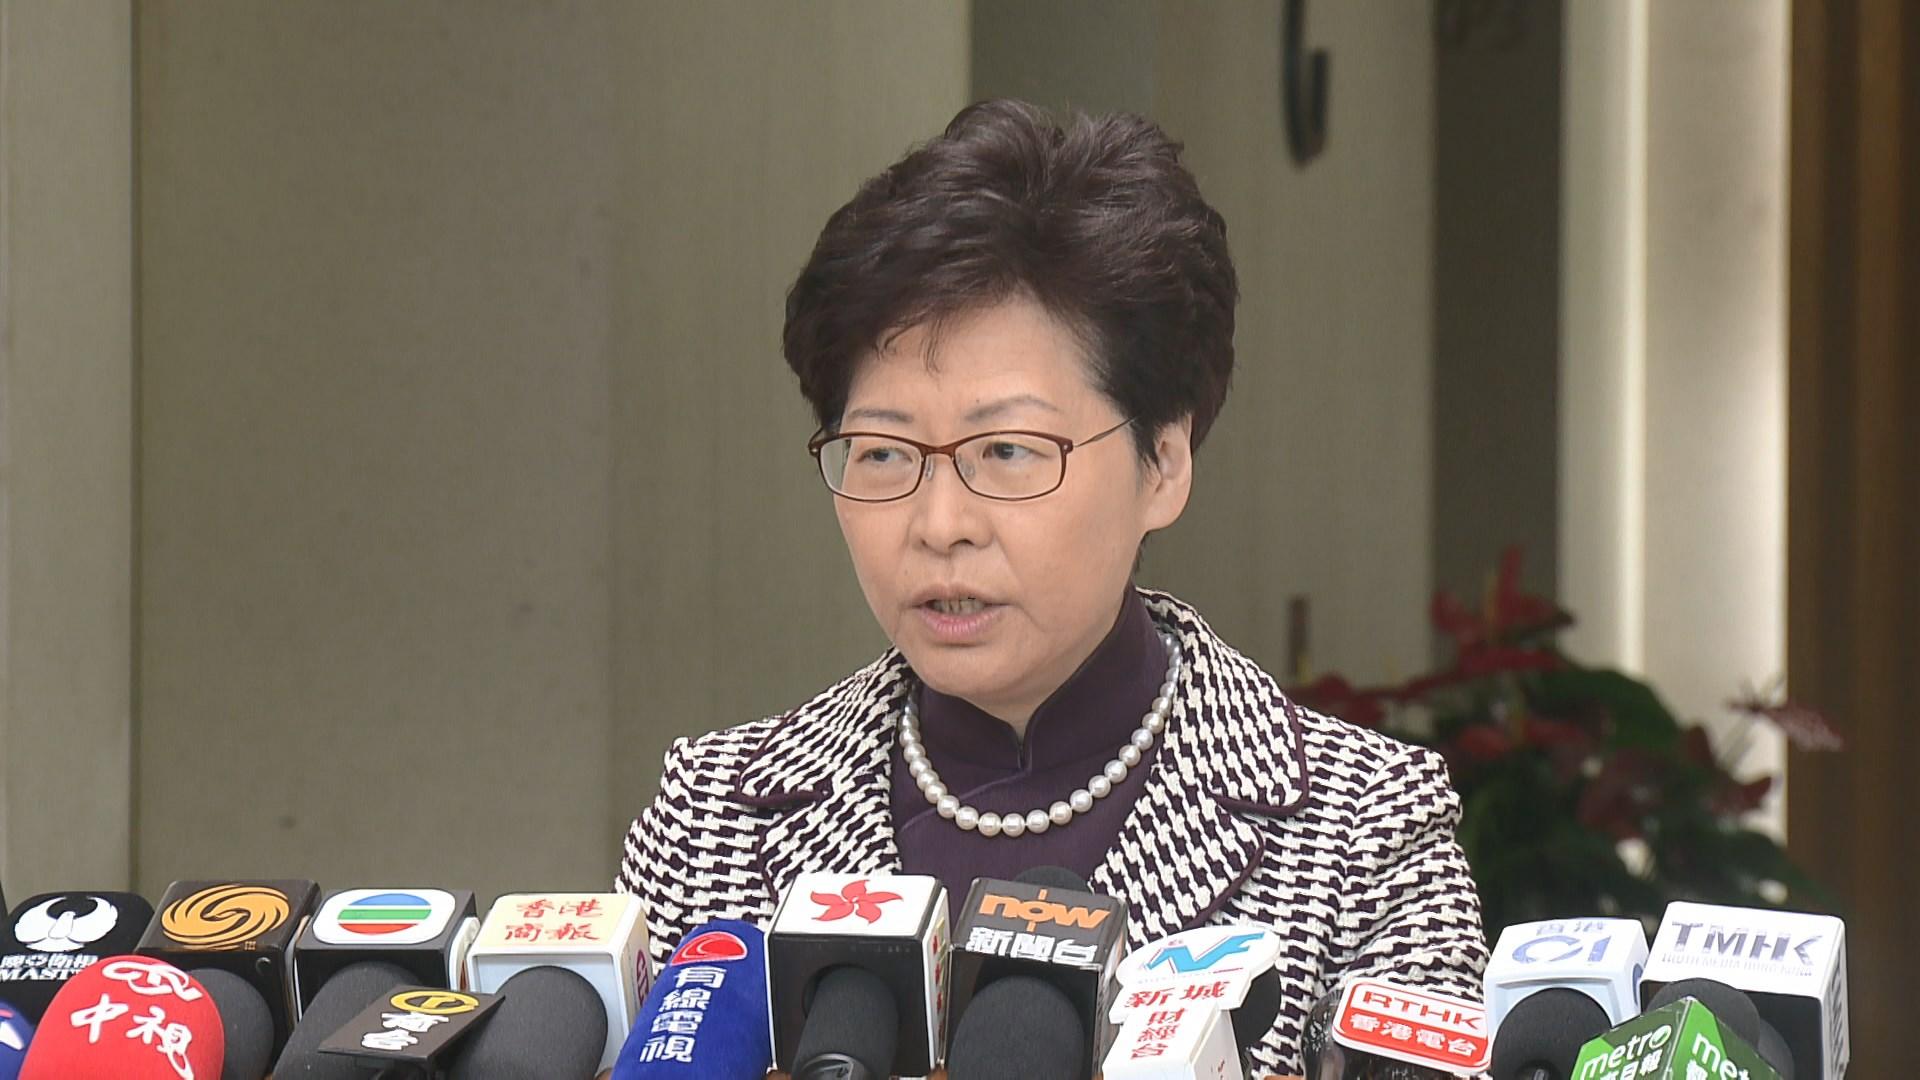 林鄭:政府就修訂逃犯條例聽取商界意見